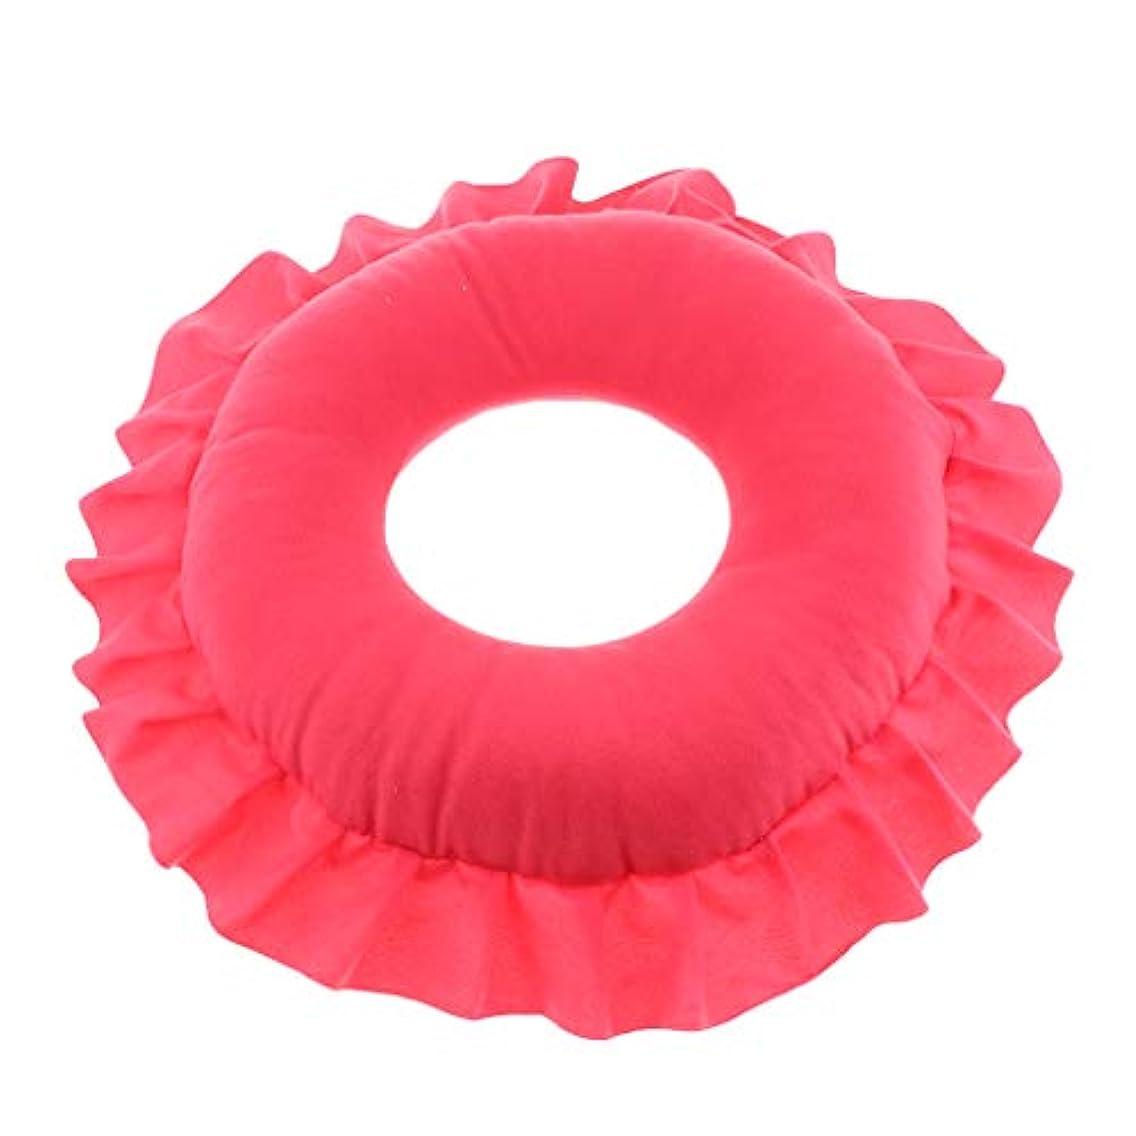 市の中心部リーダーシップ耕す全4色 フェイスピロー 顔枕 マッサージピロー クッション 美容院 快適 洗える 実用的 - 赤